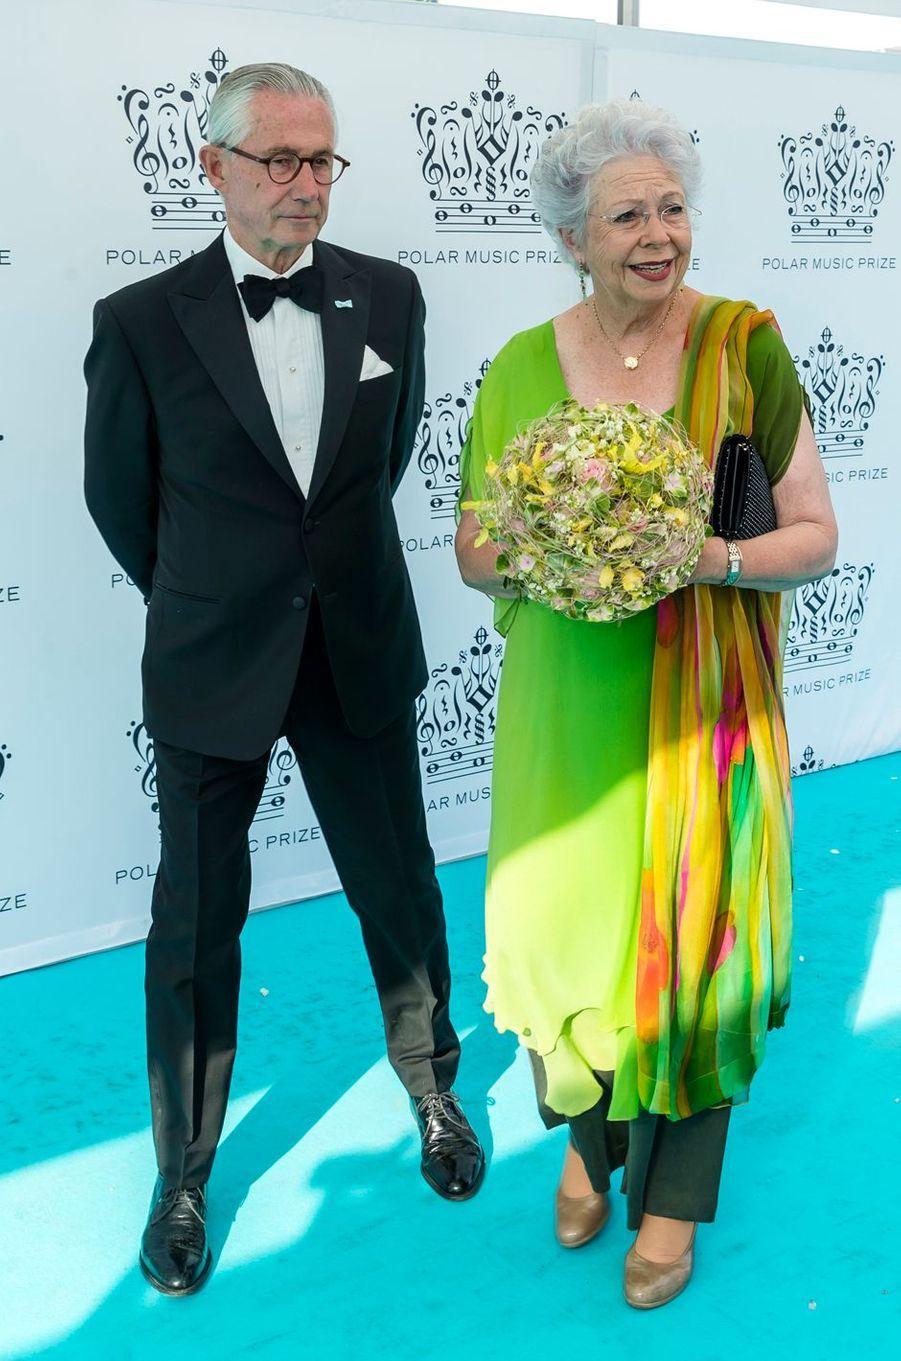 La princesse Christina de Suède et son mari Tord Magnuson à Stockholm, le 14 juin 2018